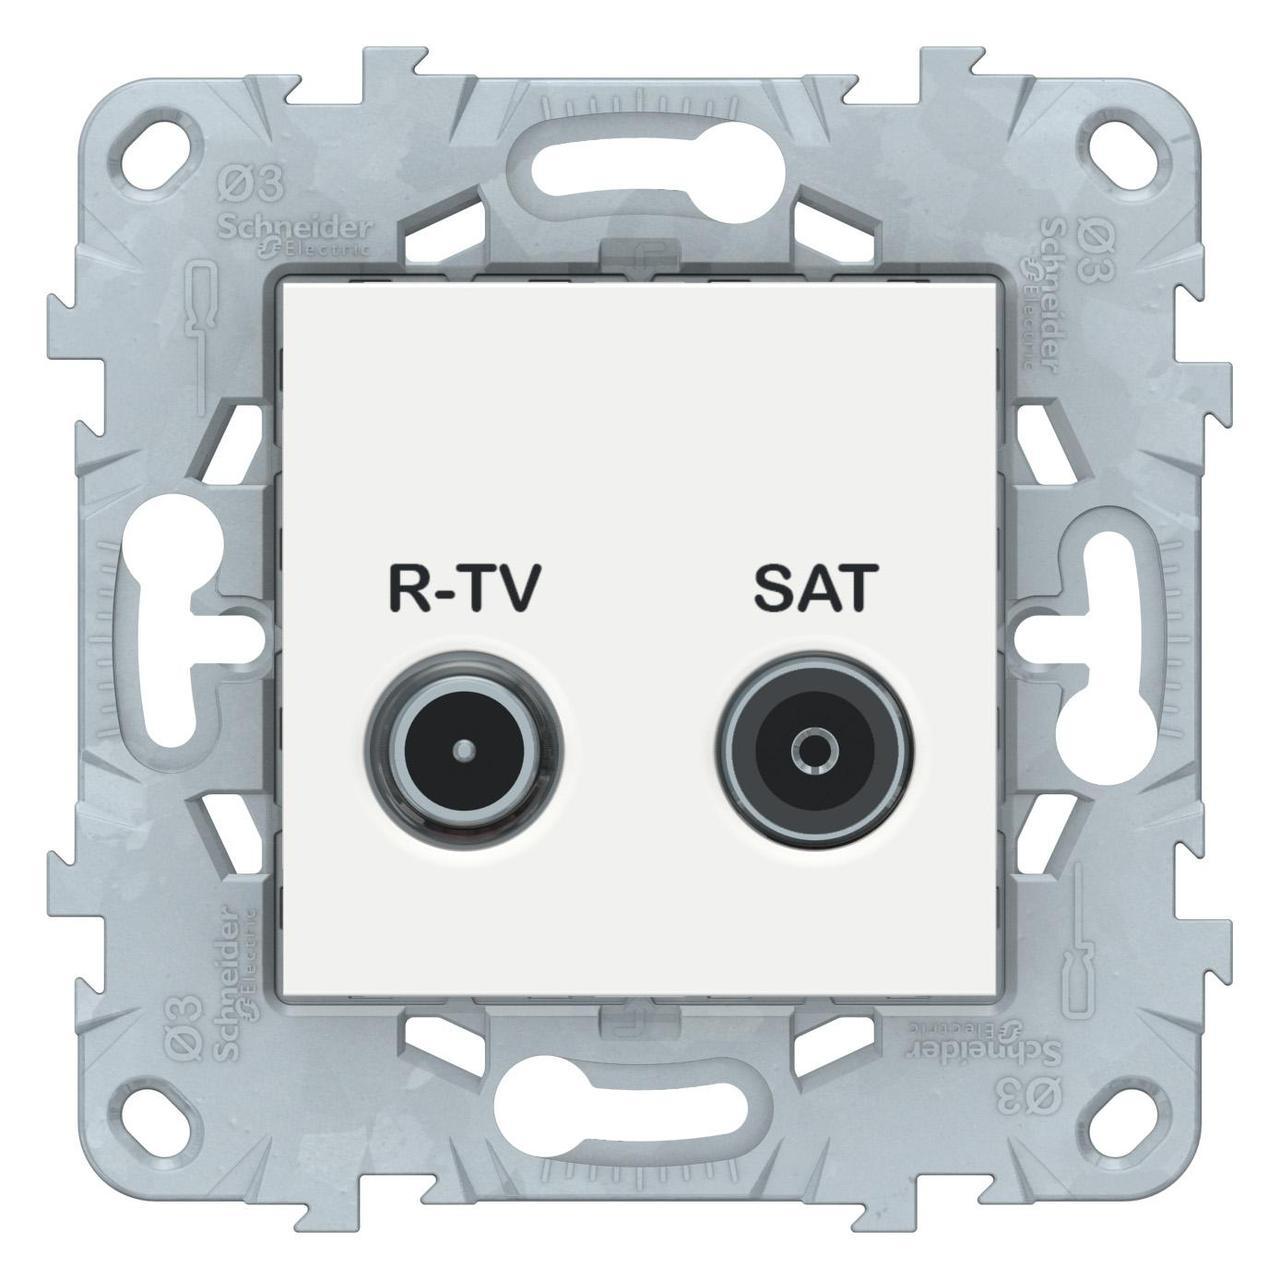 Розетка телевизионная единственная ТV-SAT , Белый, серия Unica New, Schneider Electric